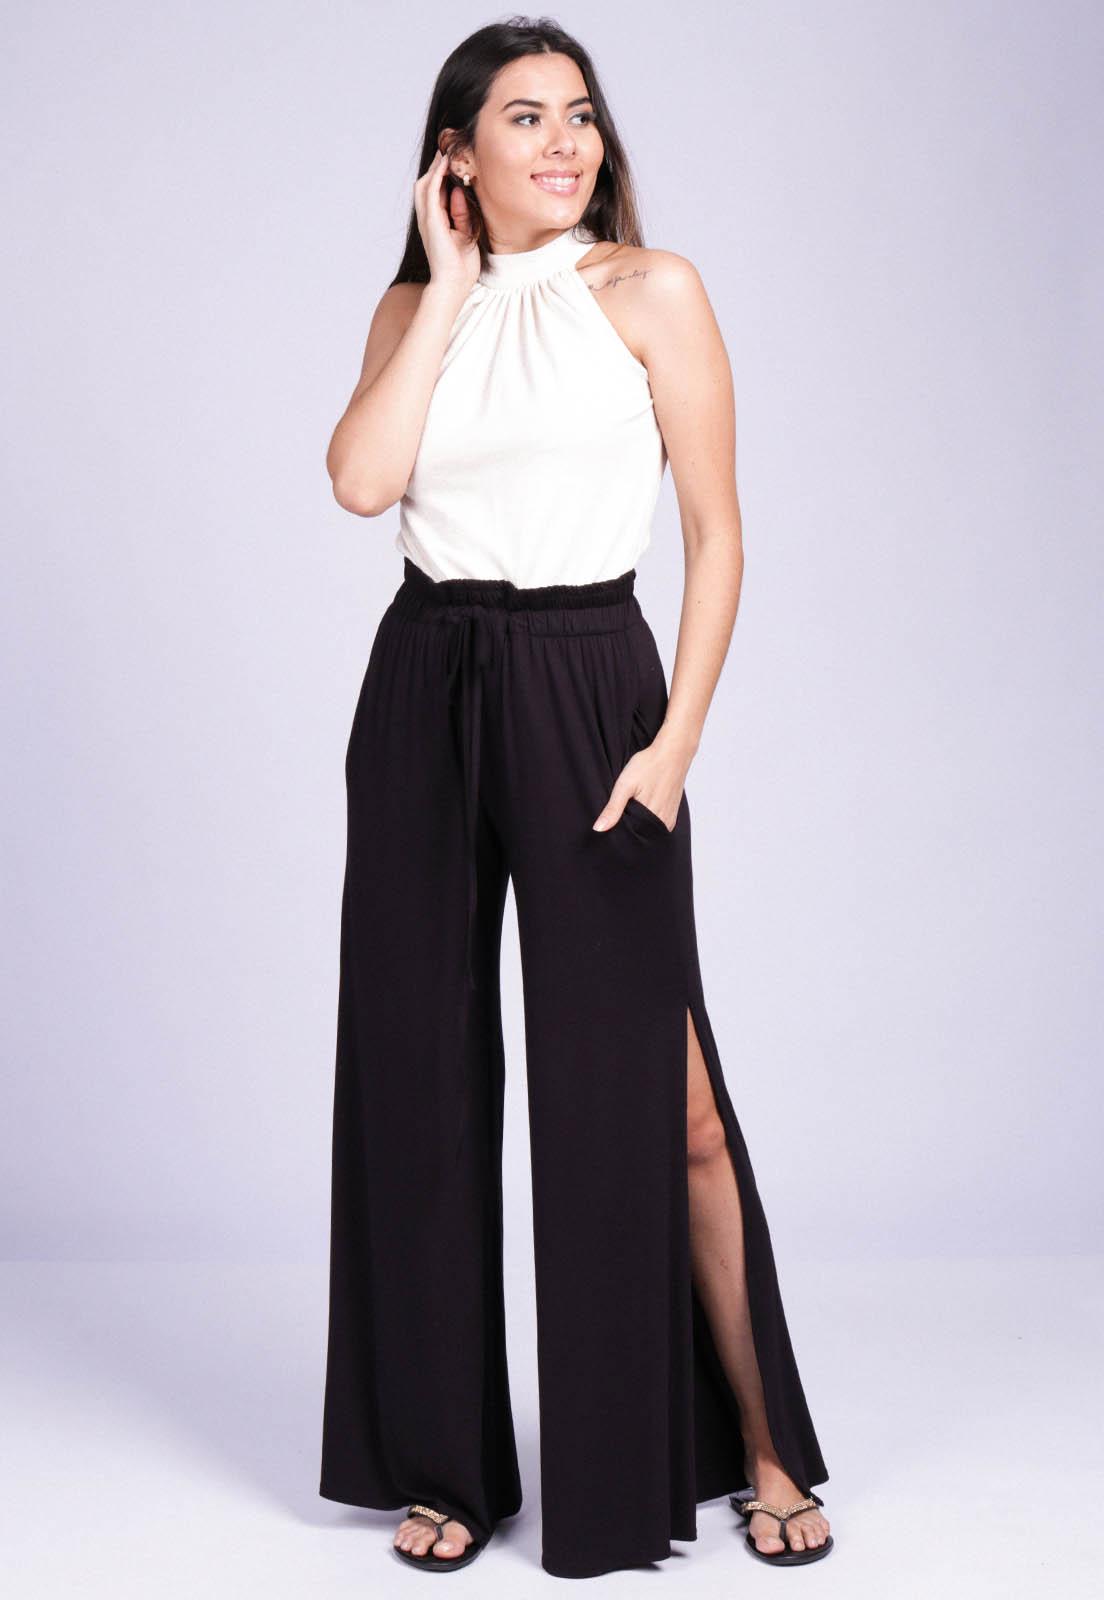 Calça Pantalona Malha com Fendas Preto